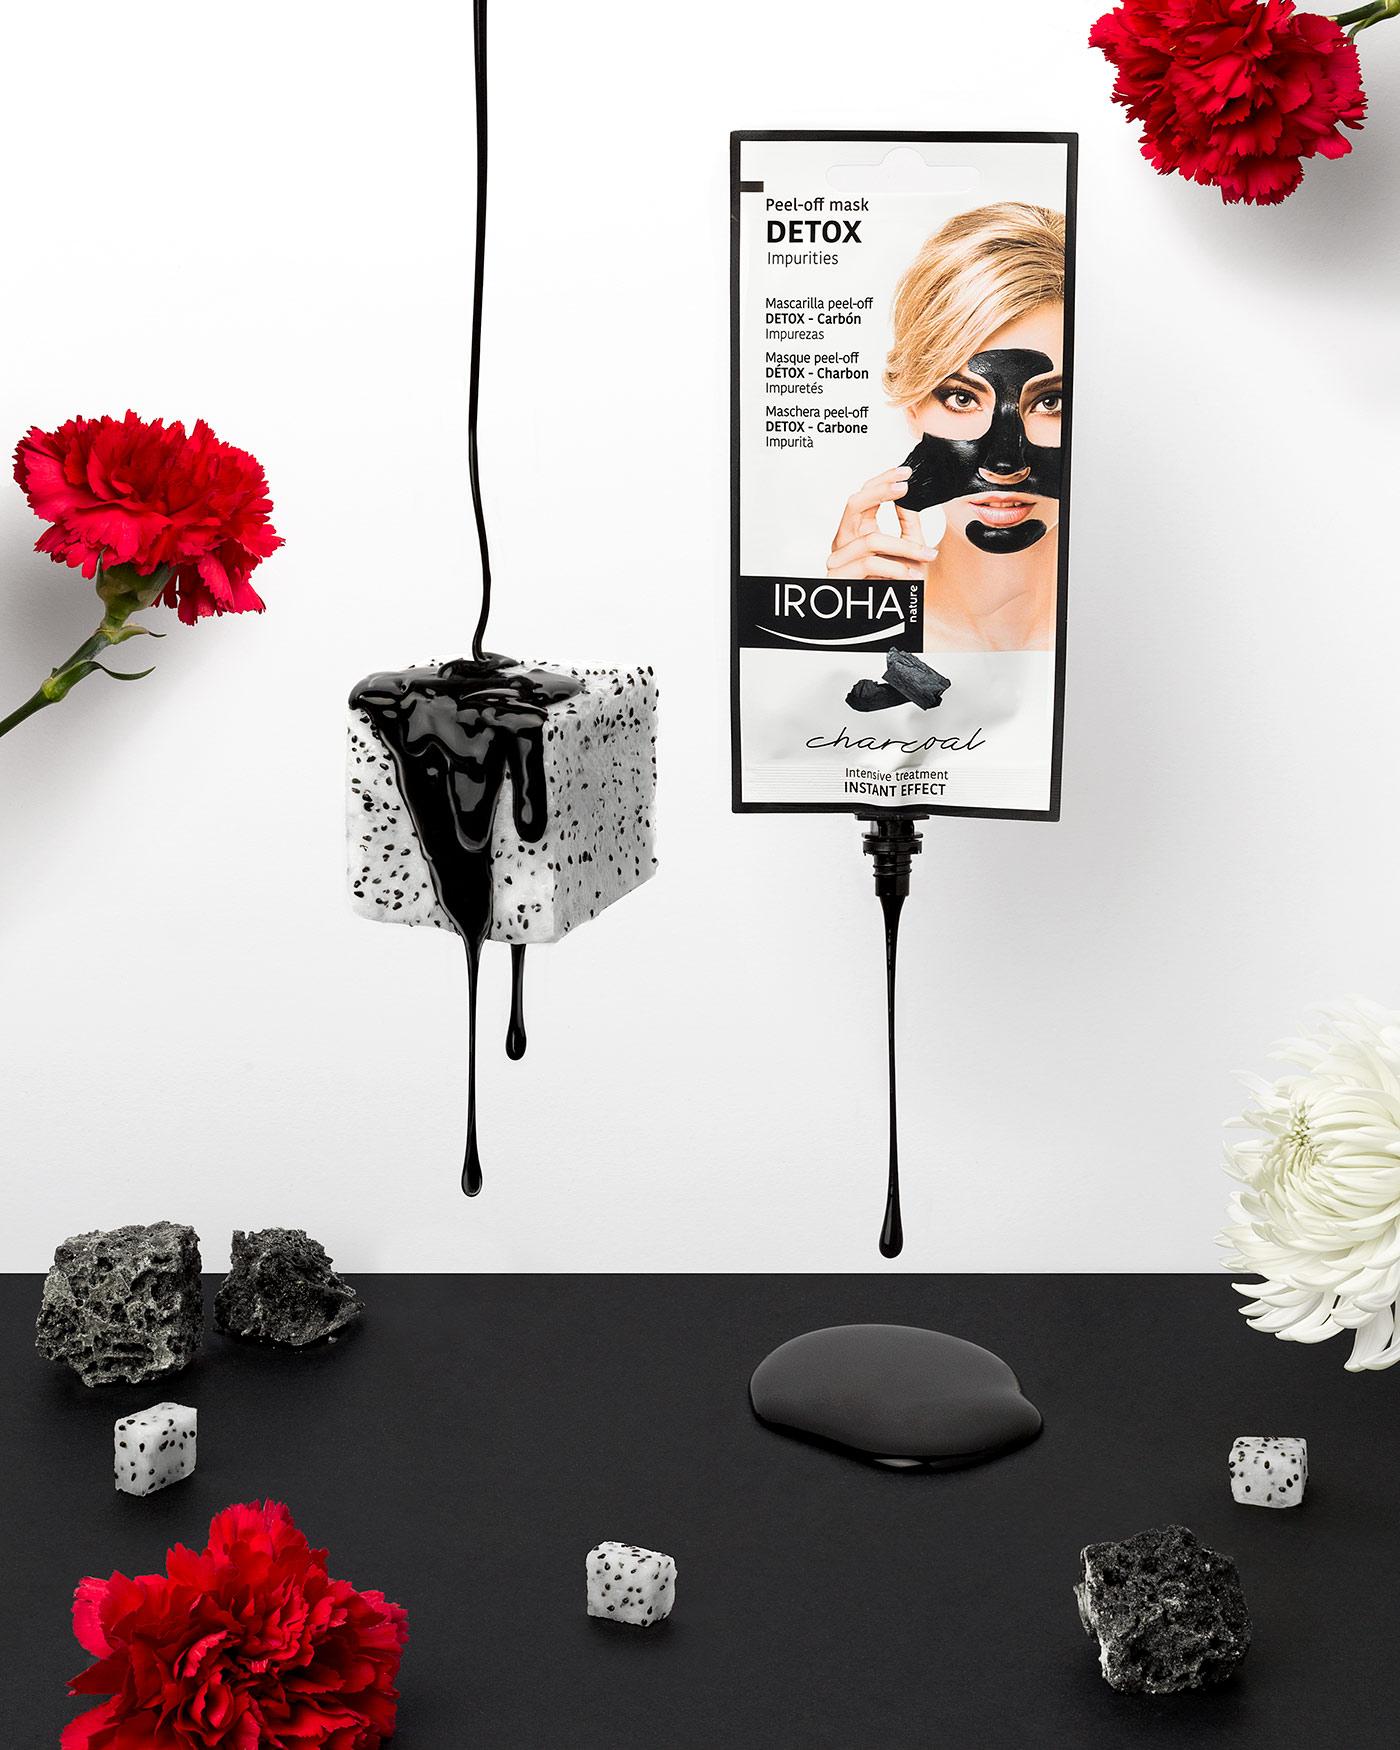 Funtastic Spring! - Fotografía para campaña publicitaria - Mascarilla Peel Off Charcoal